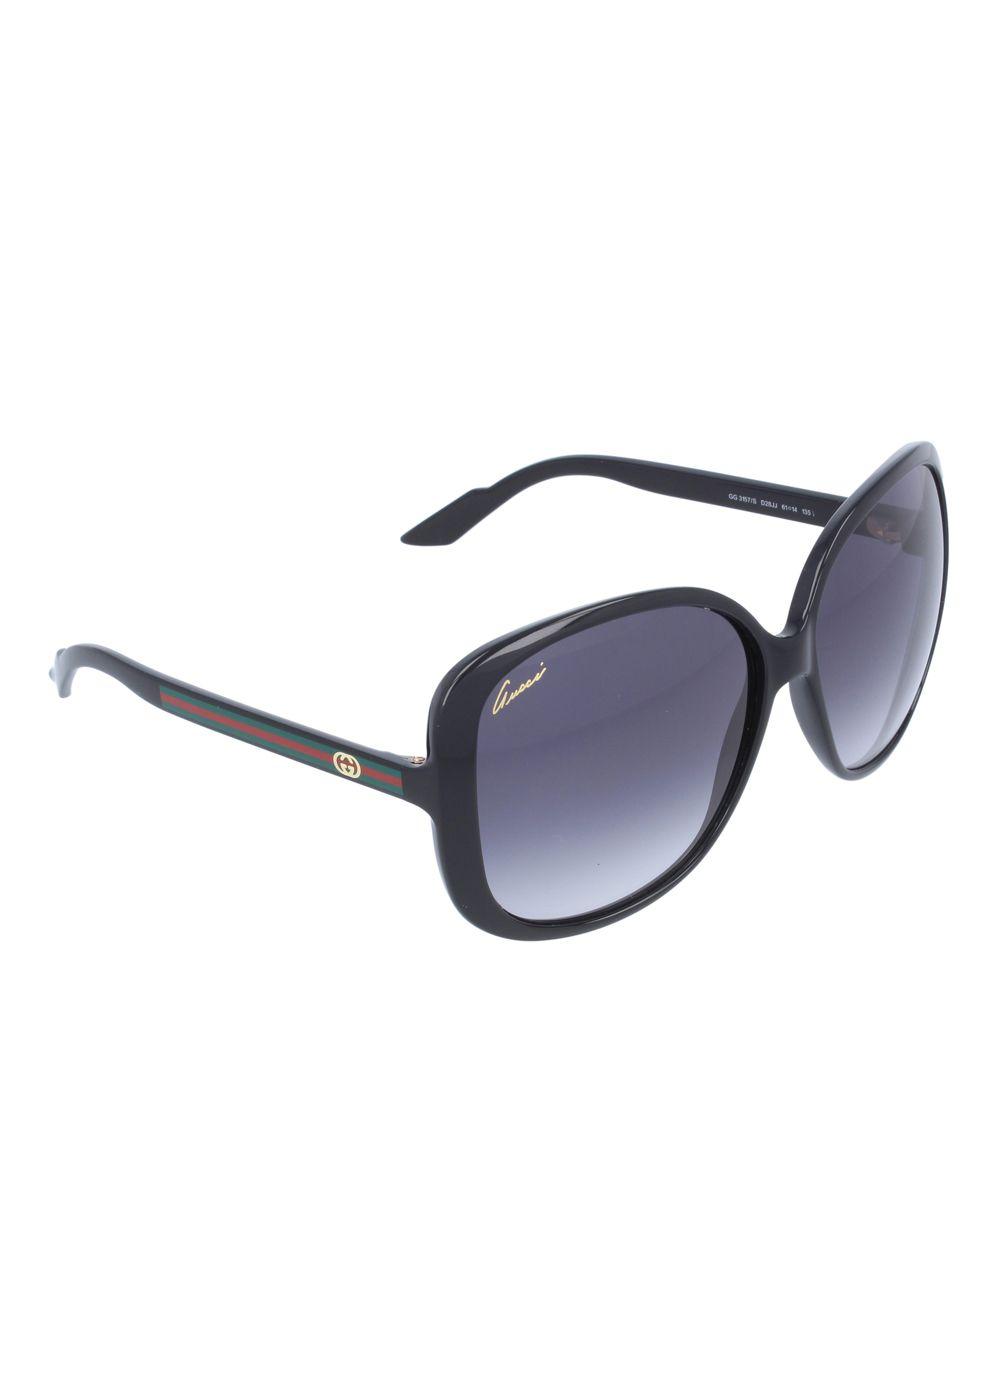 c644645fd7fe Gucci Ladies Sunglasses (GG 3157_S JJ_D28) | Bitz, Peice, Jewels ...